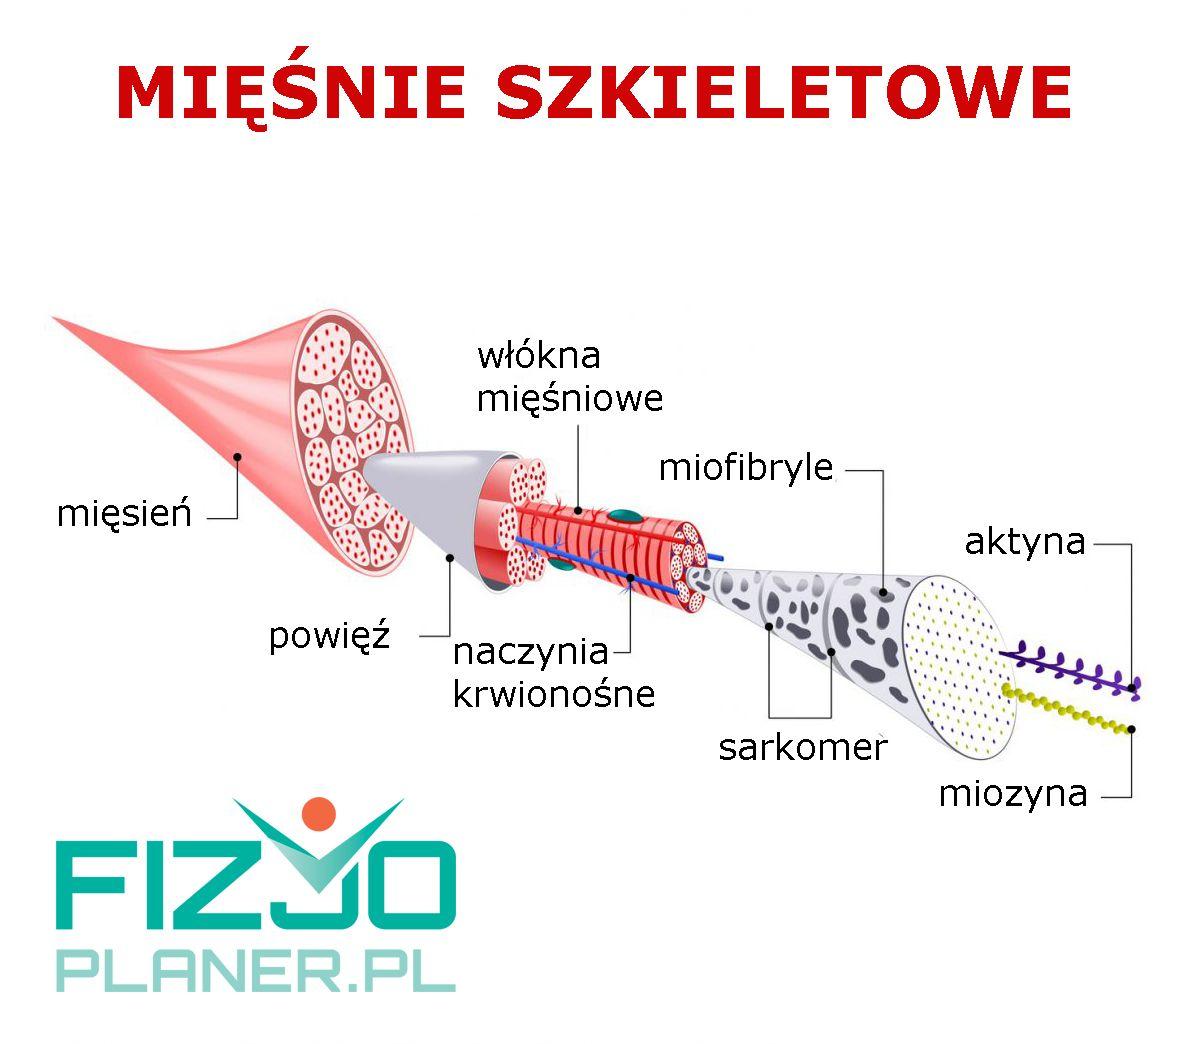 budowa mięśni szkieletowych